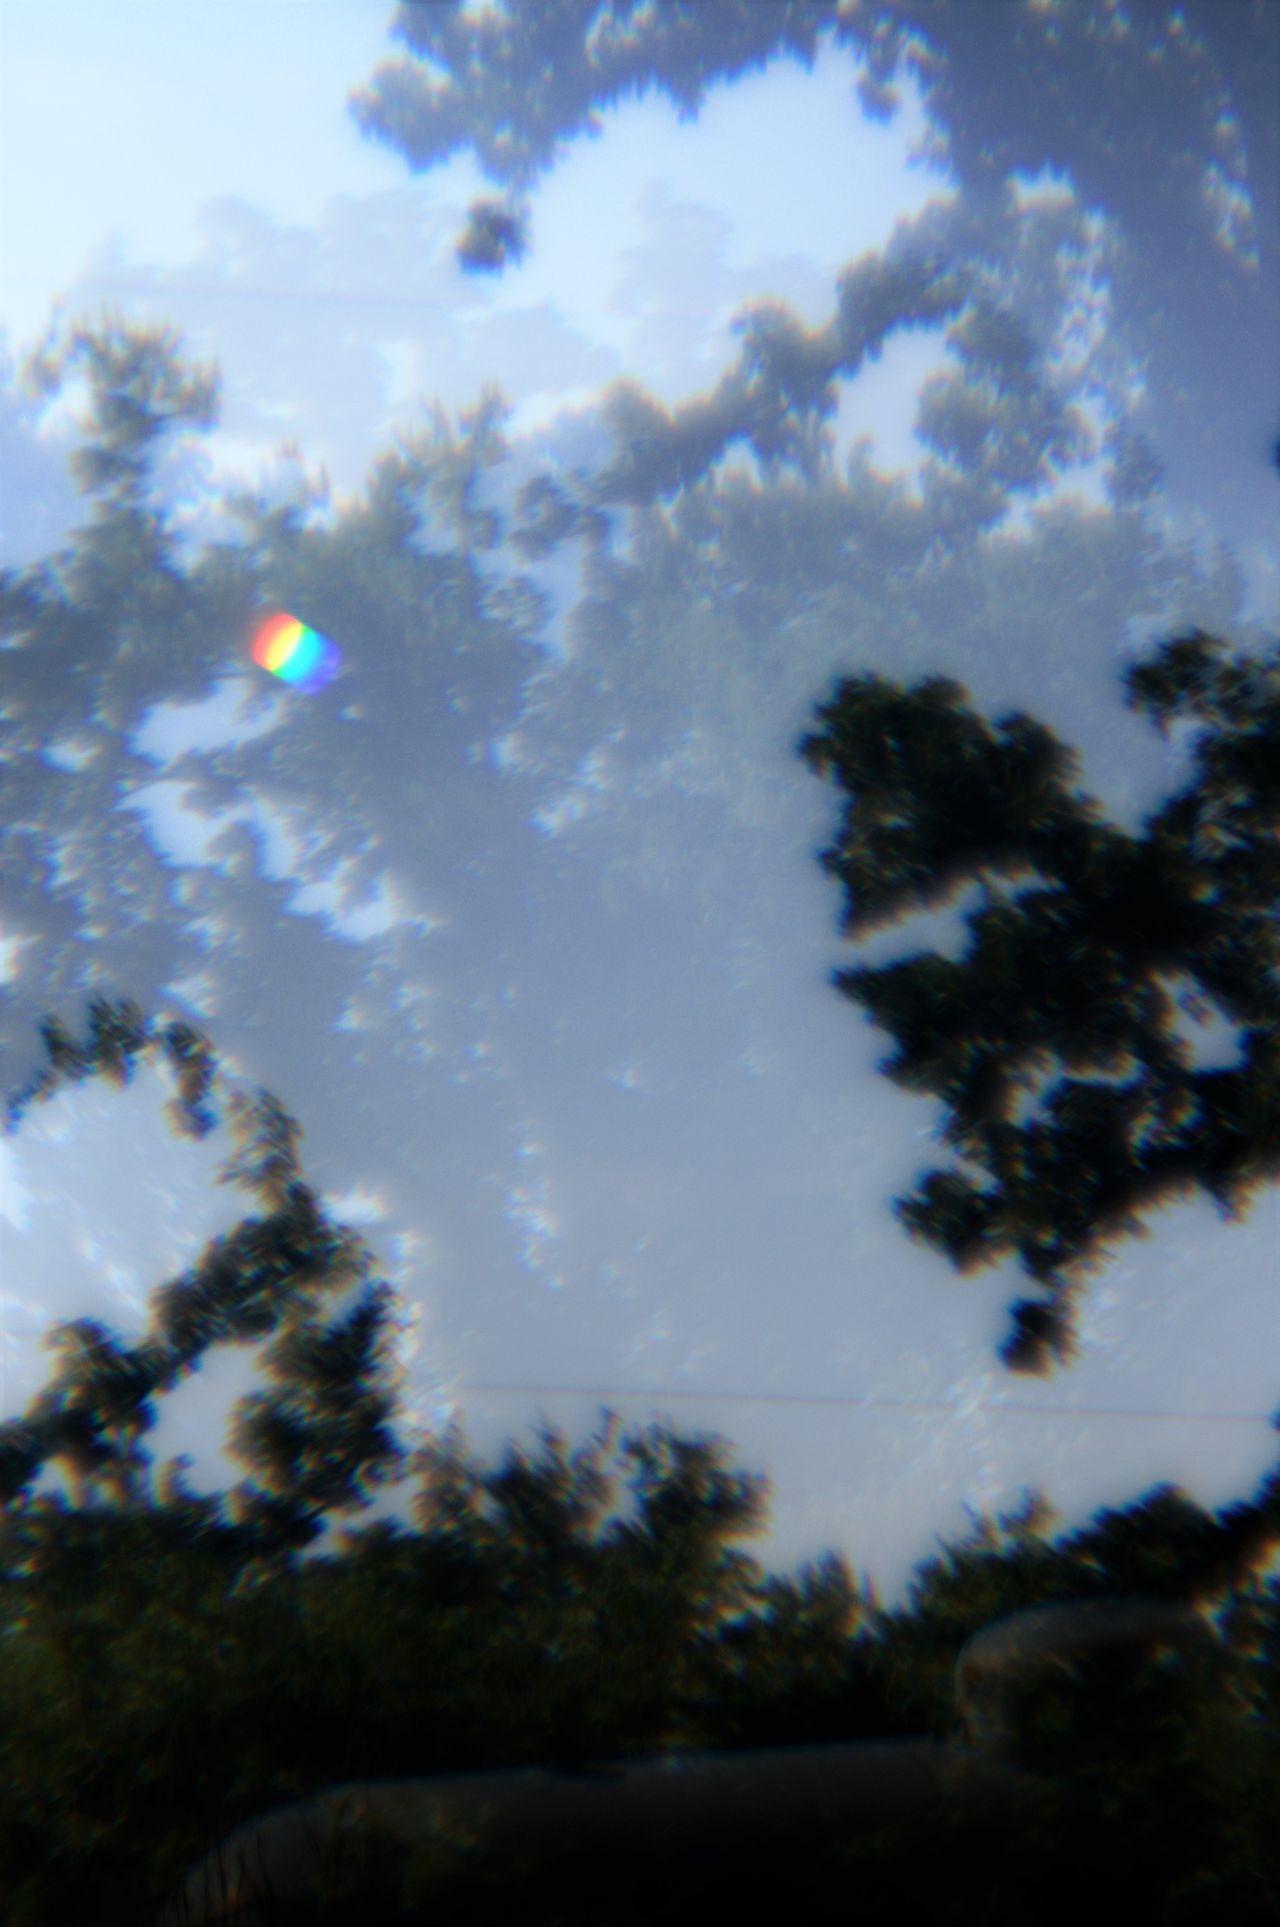 Backgrounds Day Defocused Fog Effect Landscape Lens Flare Multi Image Lens Outdoors Prism Effect Sky Sunbeam Tranquil Scene Tree